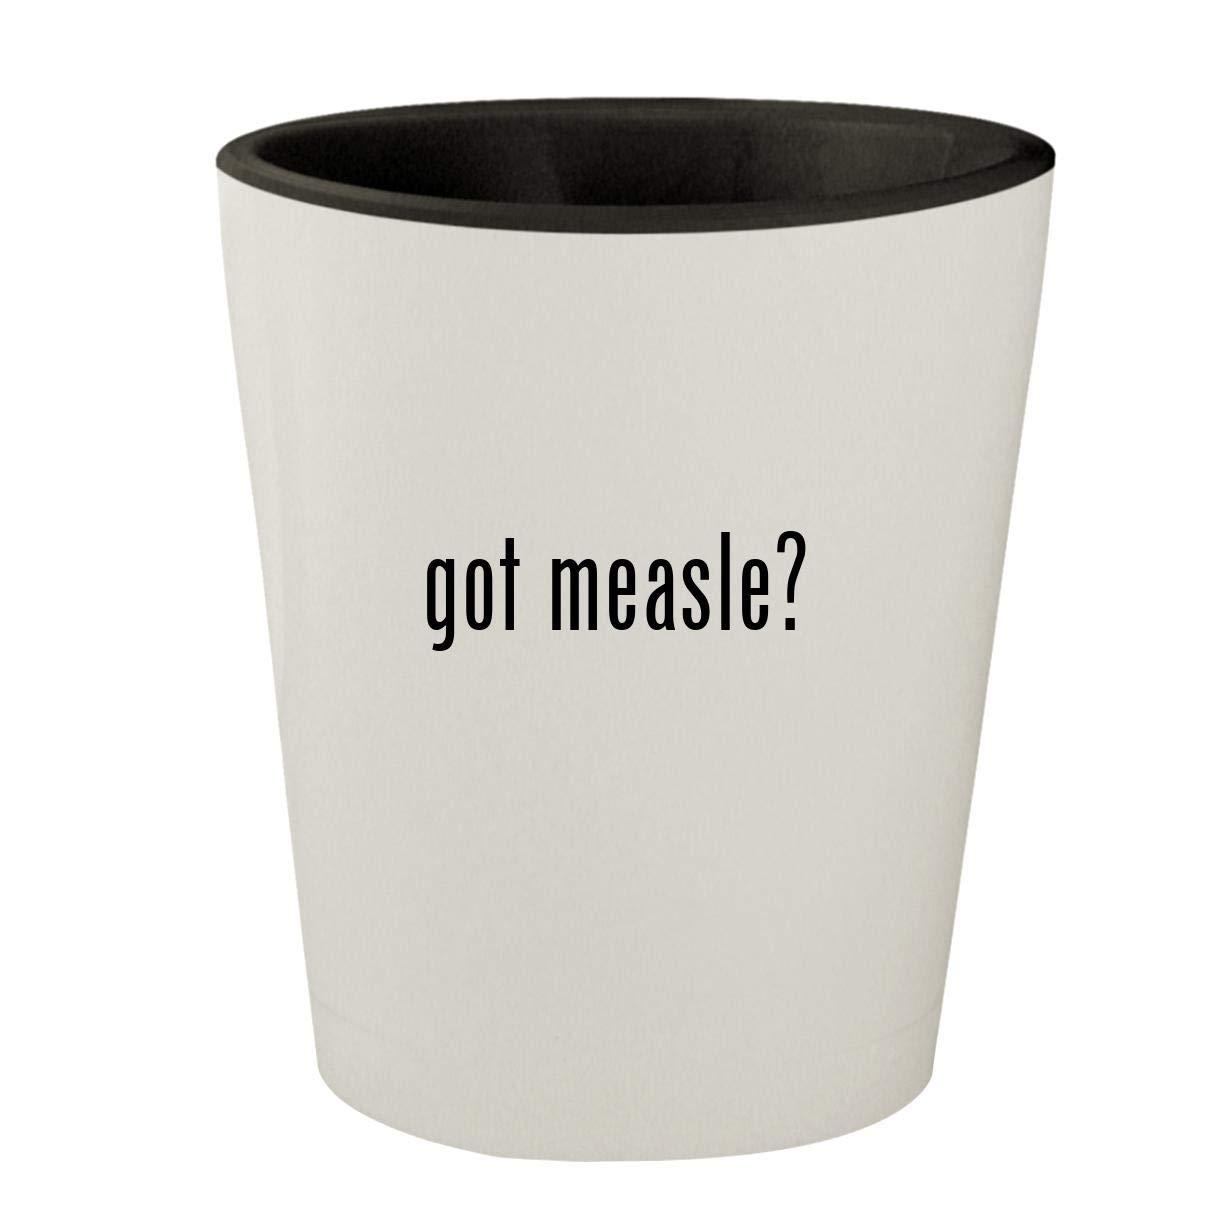 got measle? - White Outer & Black Inner Ceramic 1.5oz Shot Glass